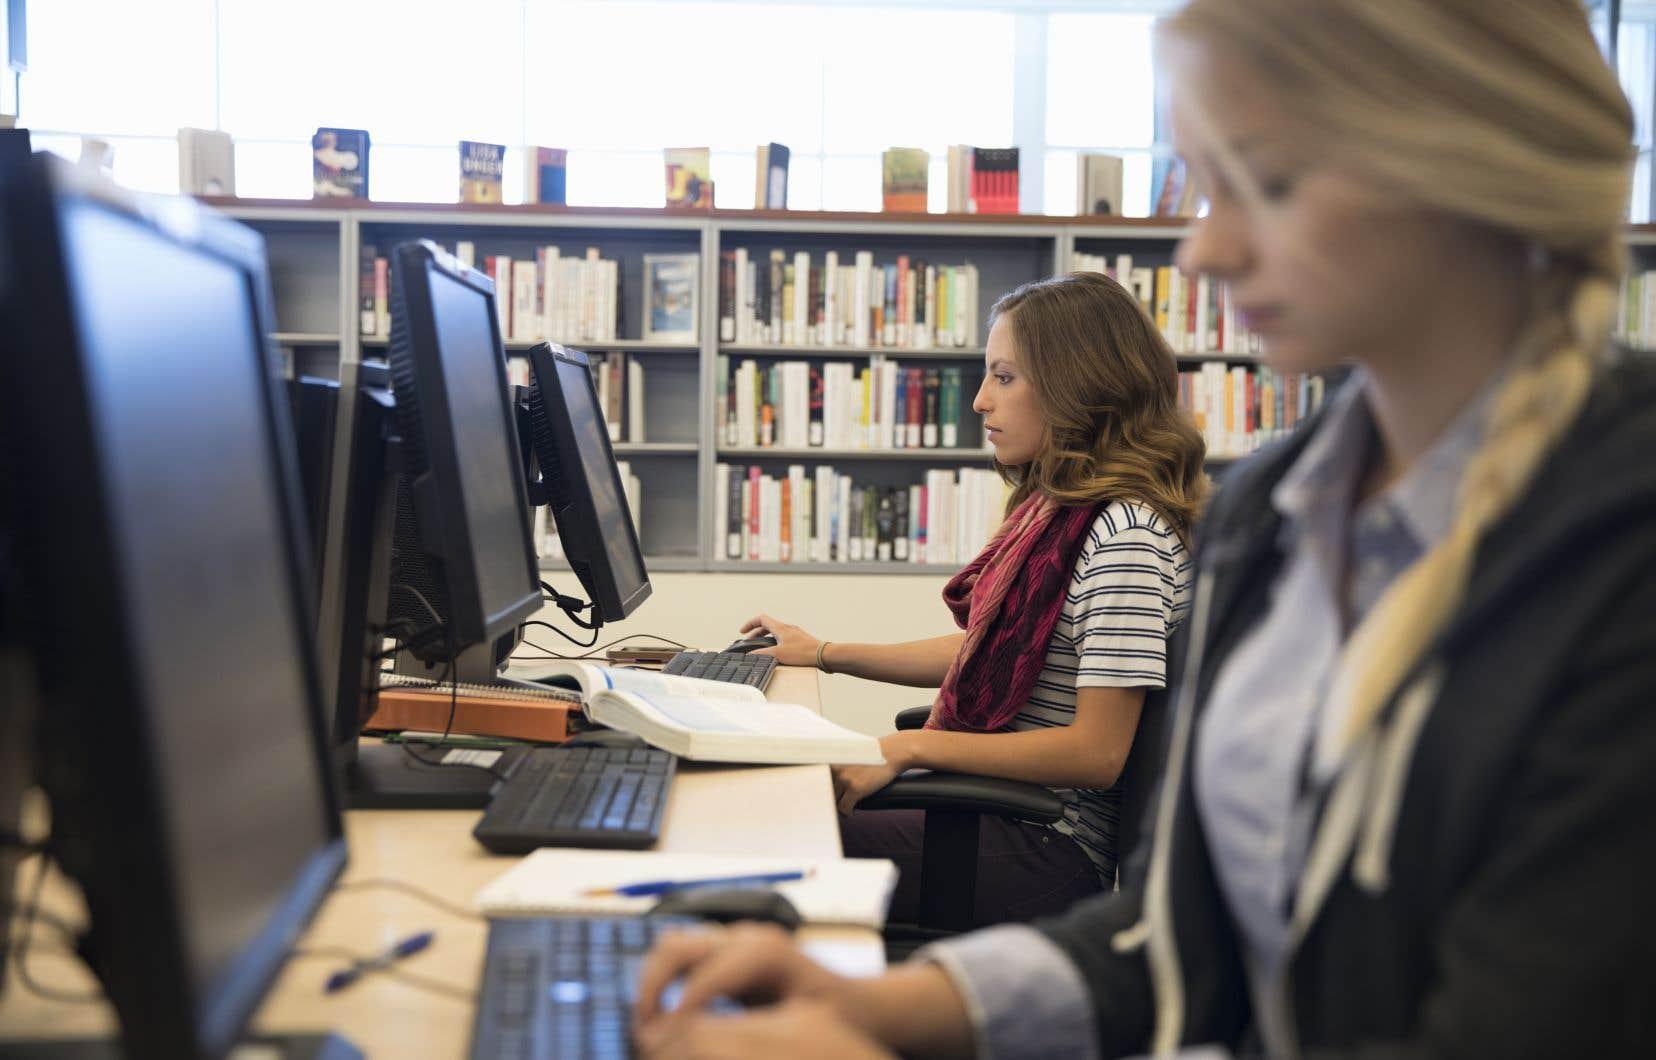 Le géant Amazon fournit gratuitement des milliers d'images de livres aux bibliothèques qui utilisent le logiciel Koha, à la condition que celles-ci redirigent automatiquement les lecteurs vers son site Web de vente de livres.